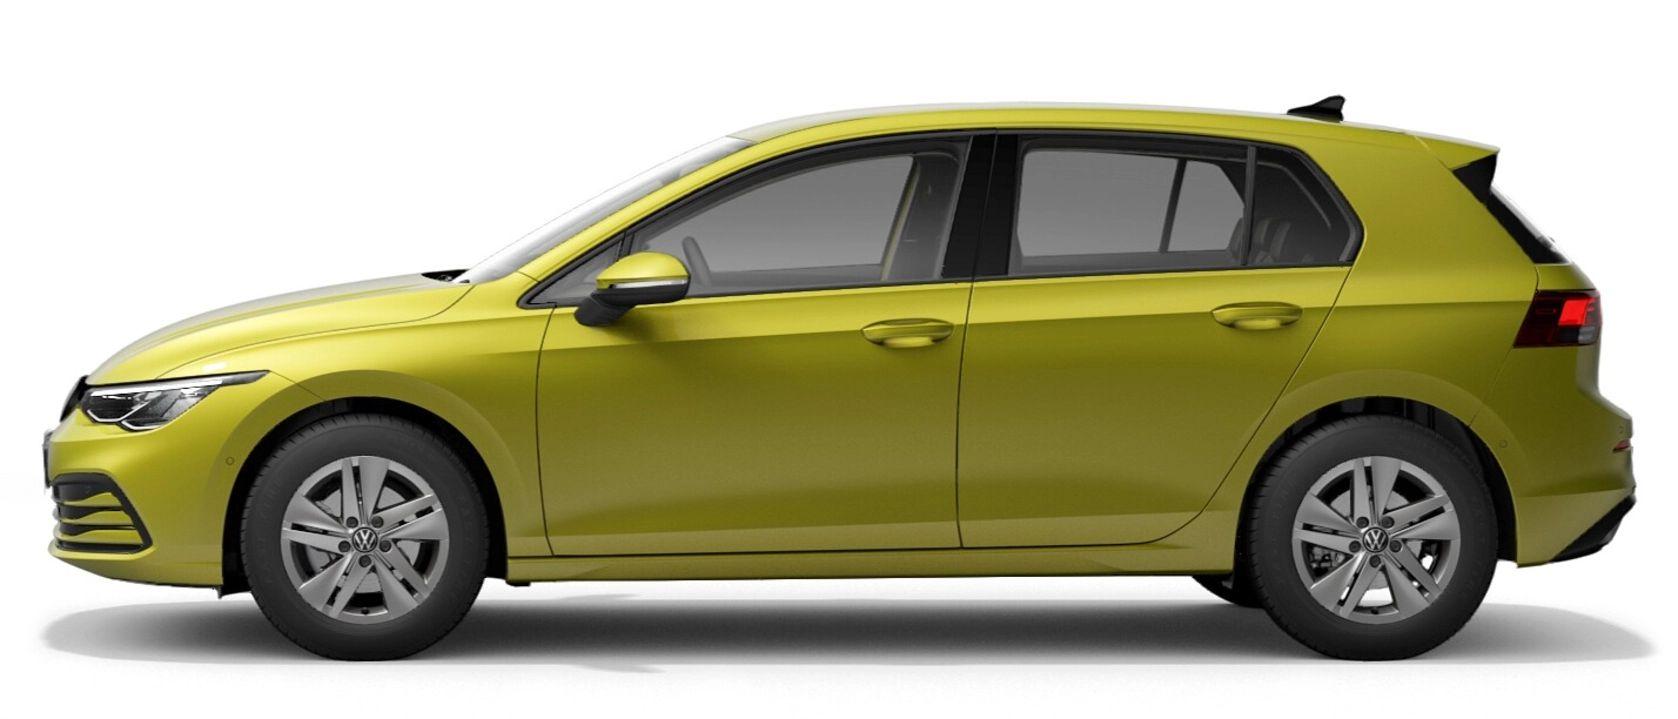 Pomelo Yellow Premium Metallic